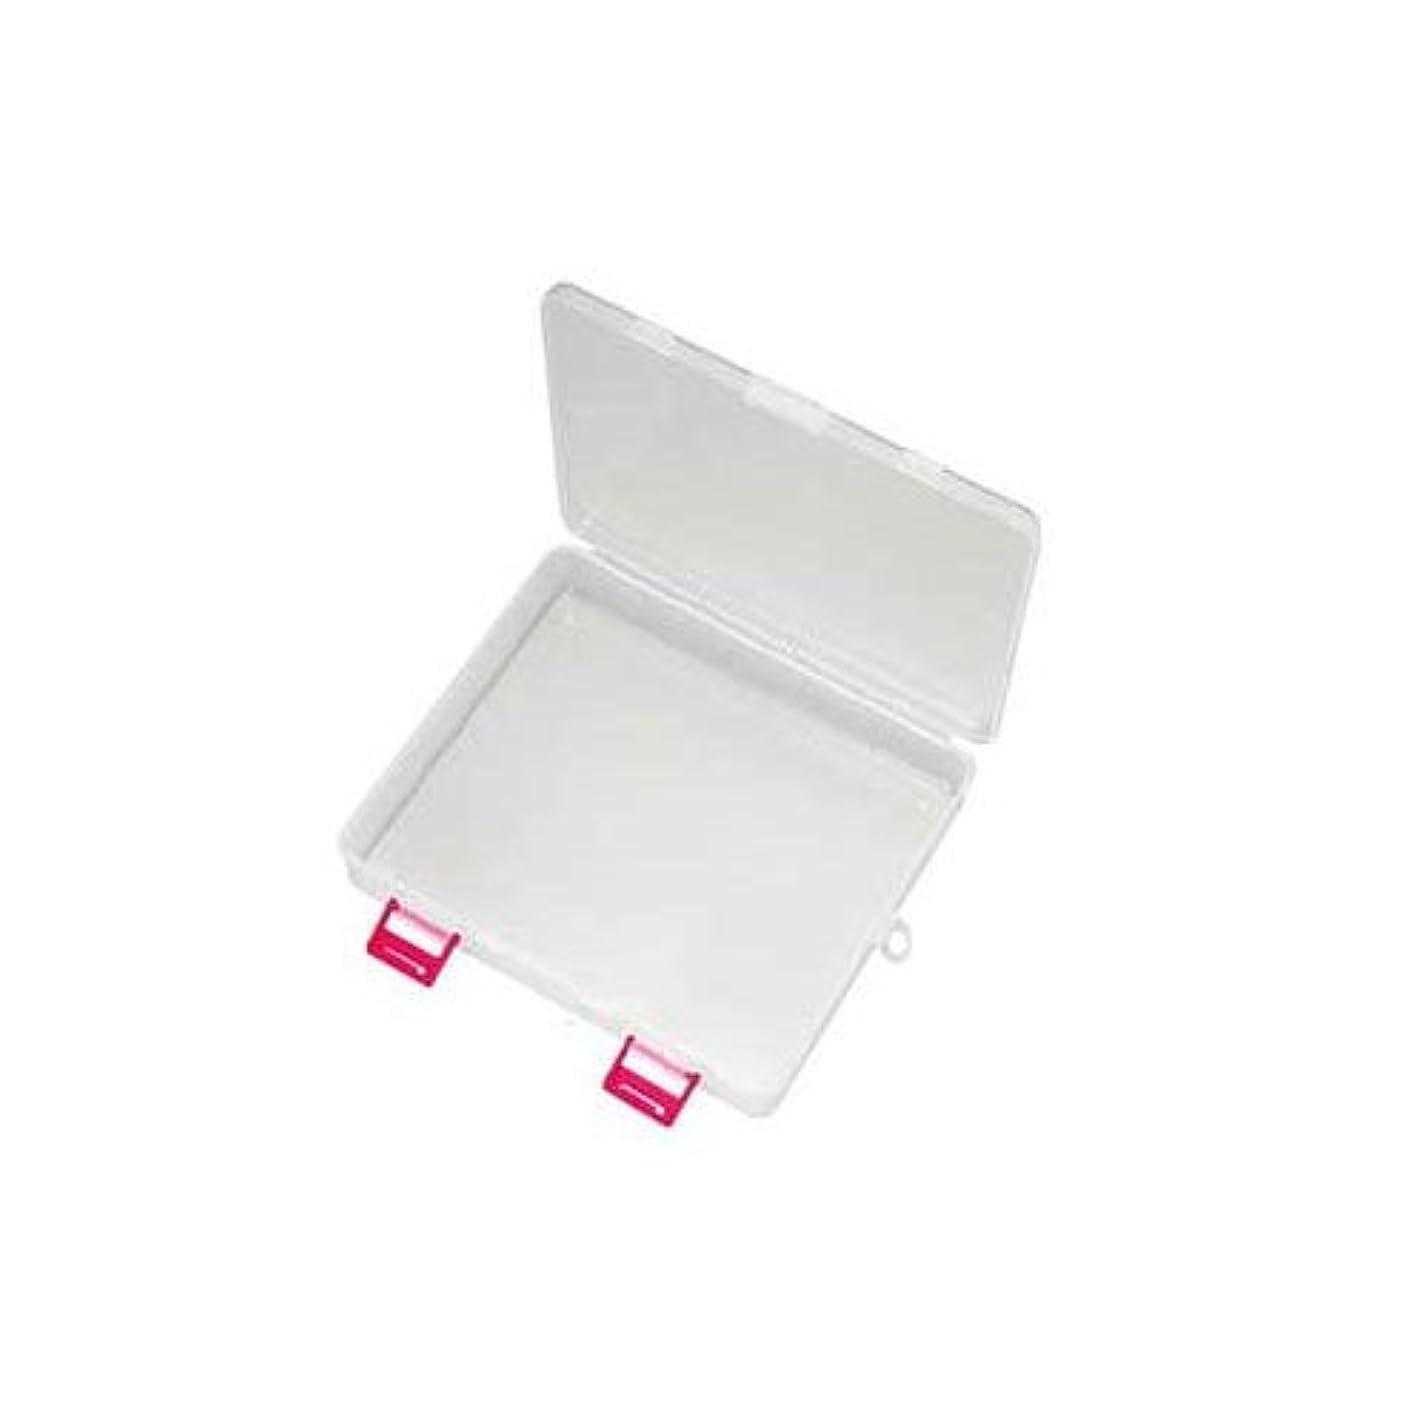 に対処するステレオタイプ独特の【NAKAZIMA/ナカジマ】ケースXLシリーズ NPK-CASE-XL 小物ケース ケース 小物入れ 釣小物